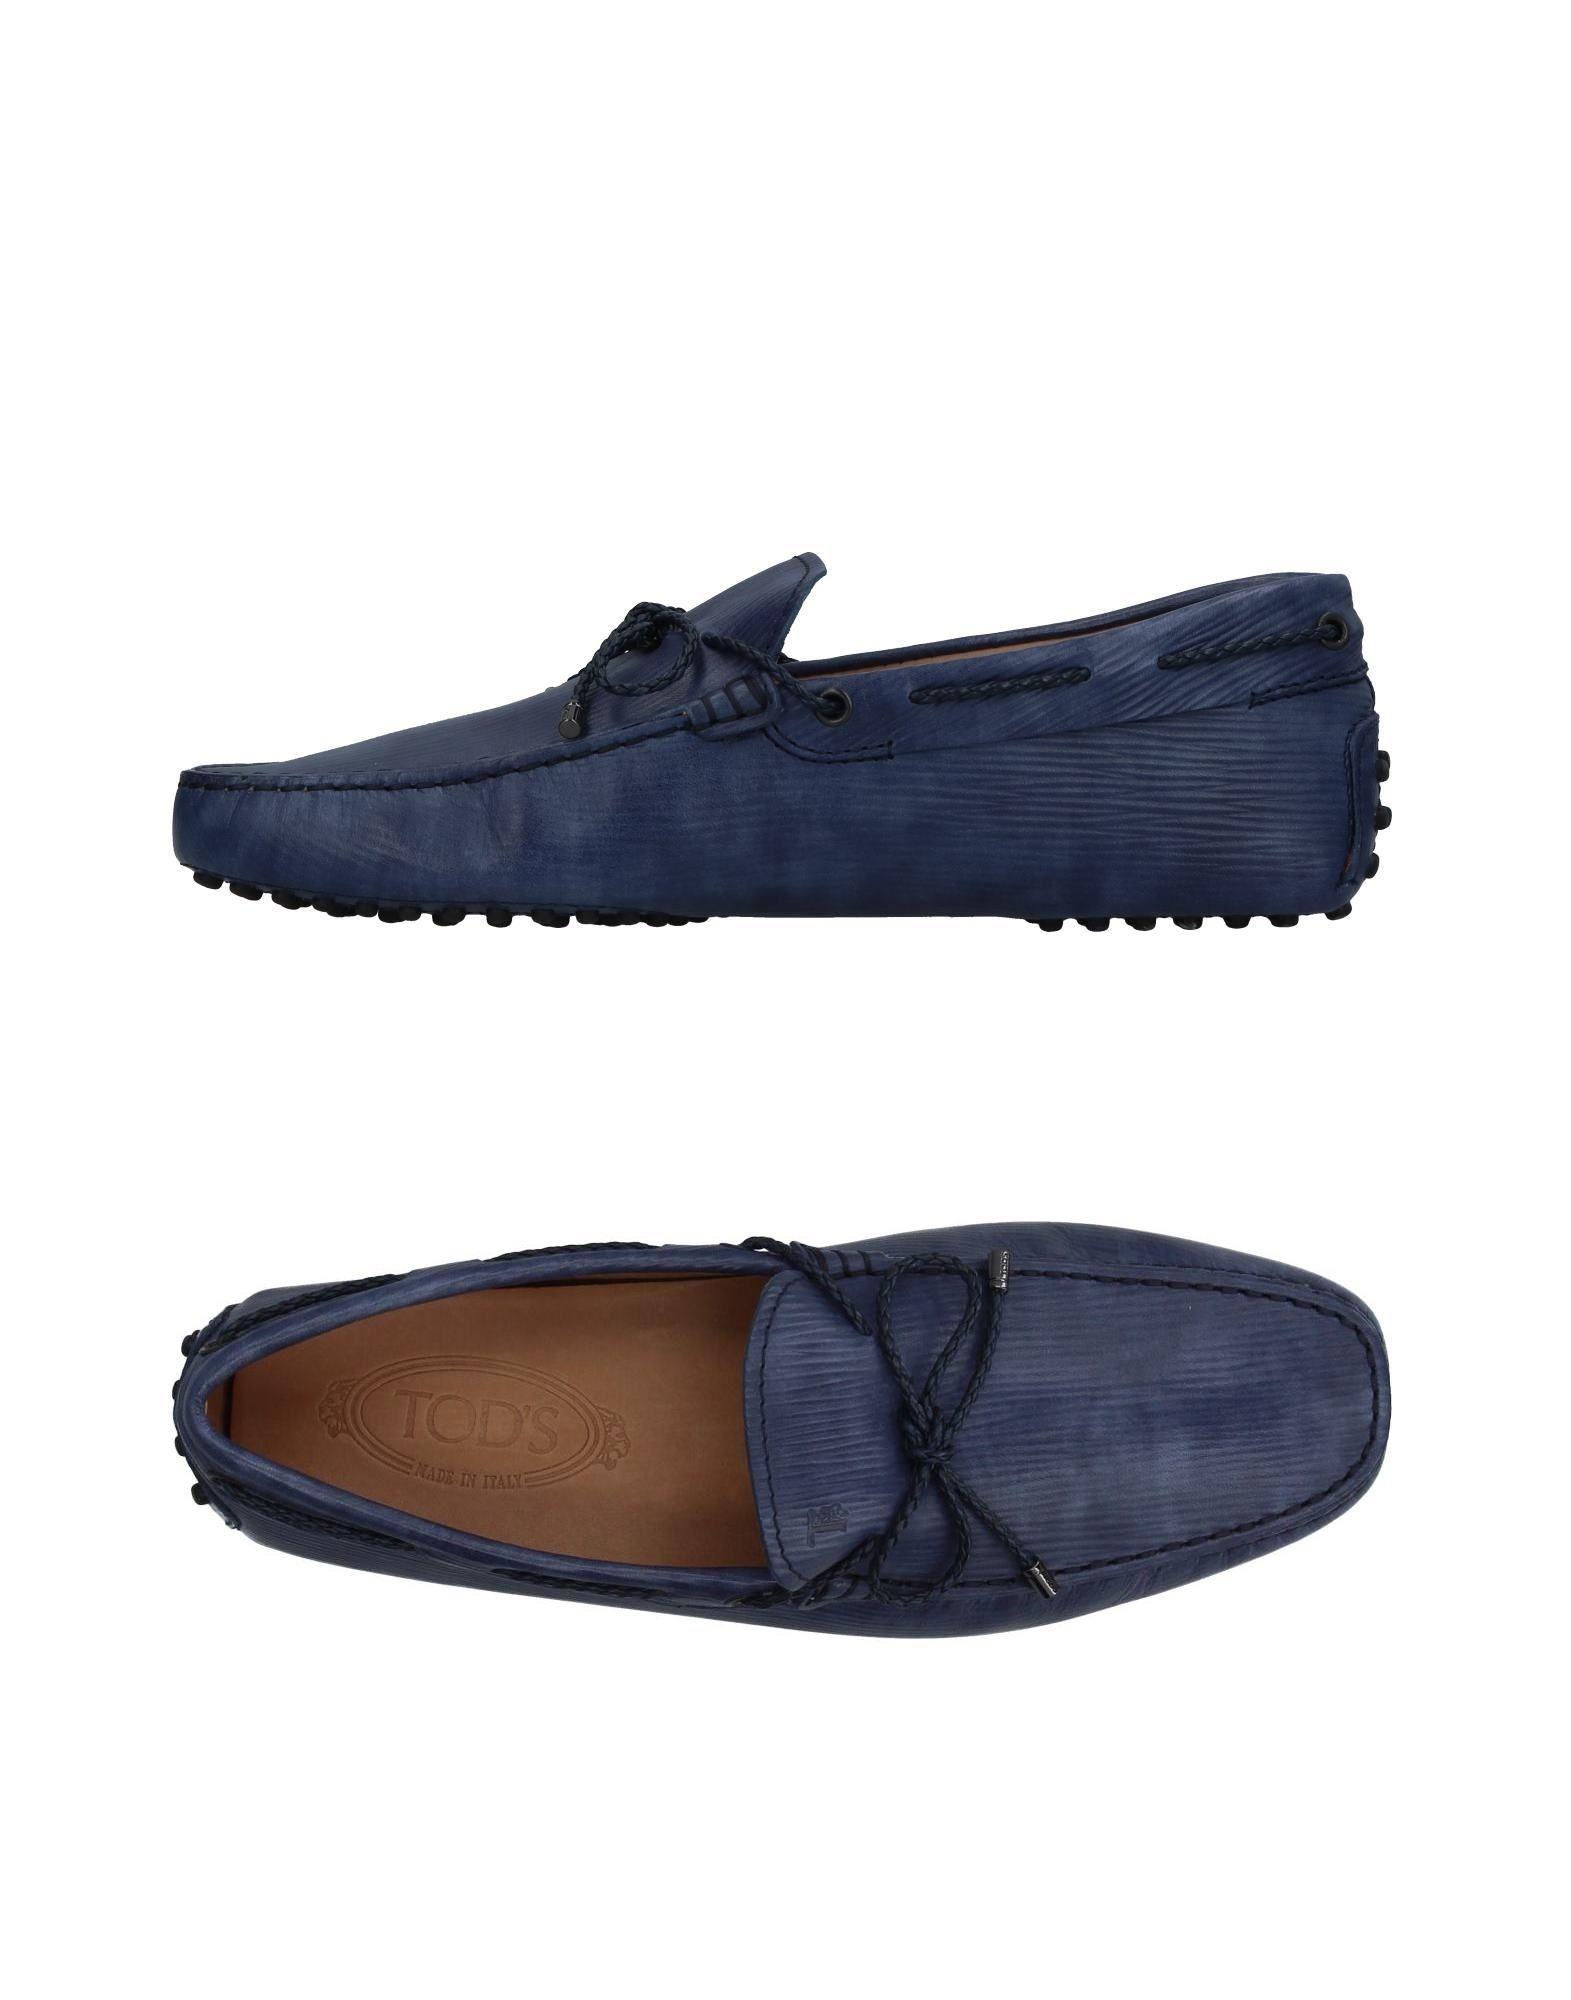 Tod's Mokassins Herren  11397133MX Gute Qualität beliebte Schuhe